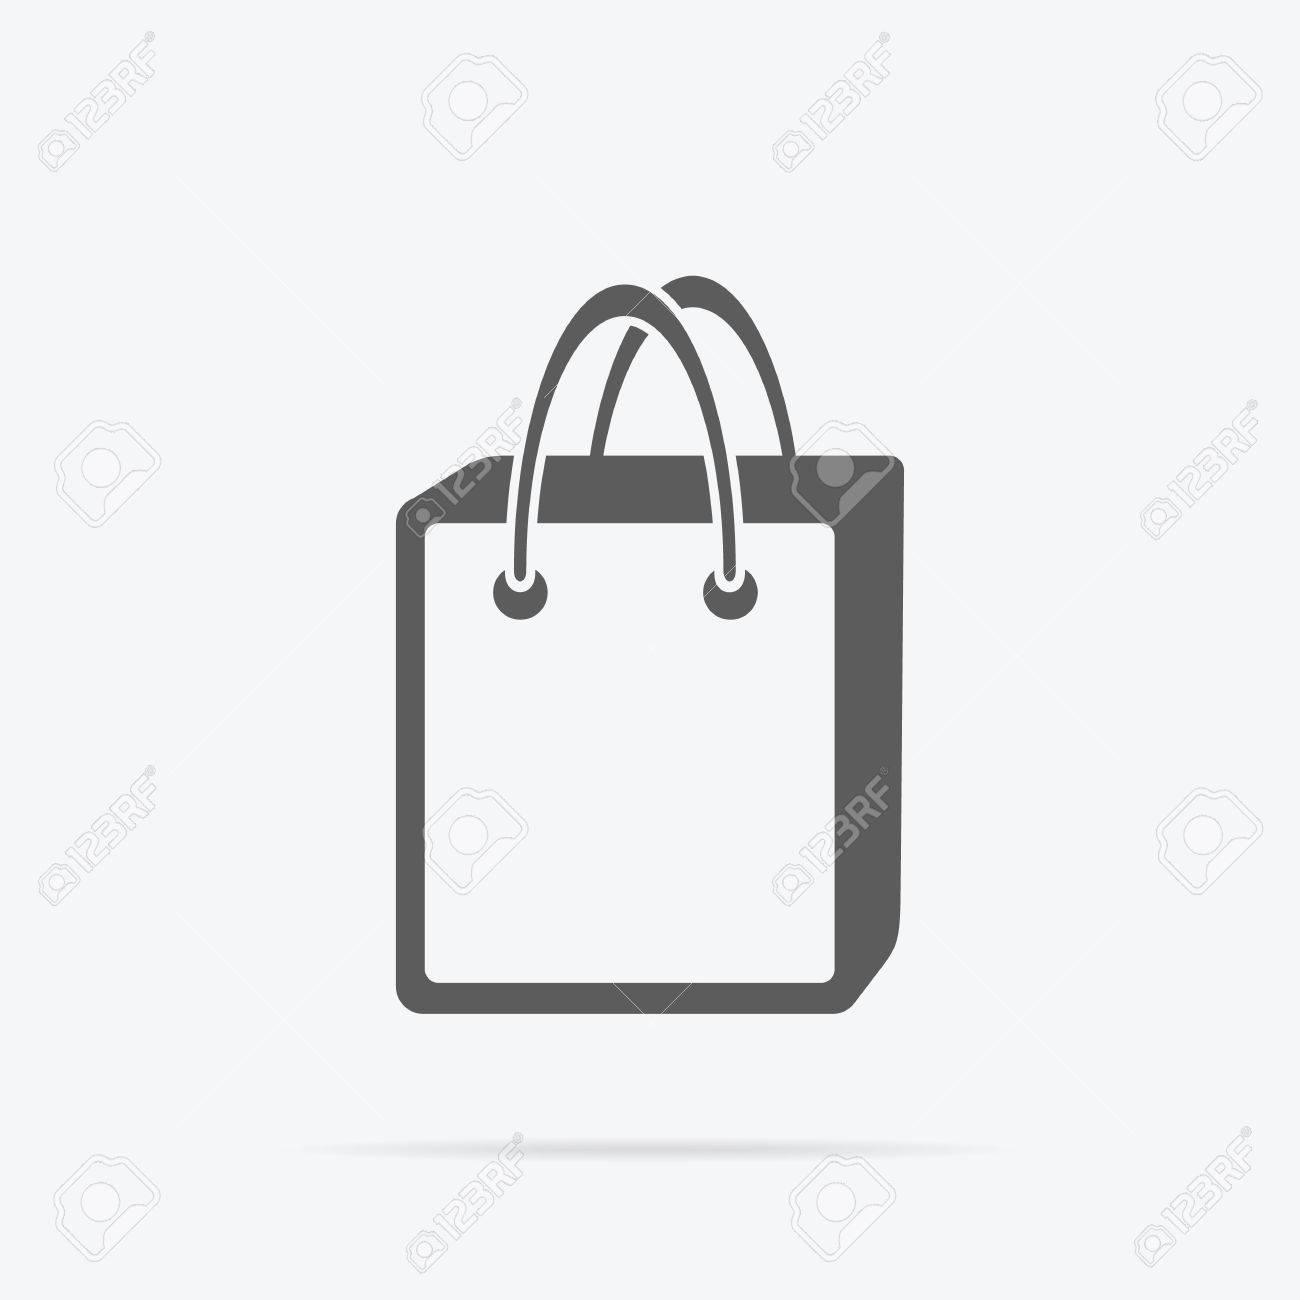 Simple sac icône. Gris pictogramme ligne de sac en papier avec poignées et sous son ombre. Vector illustration pour les services commerciaux, les